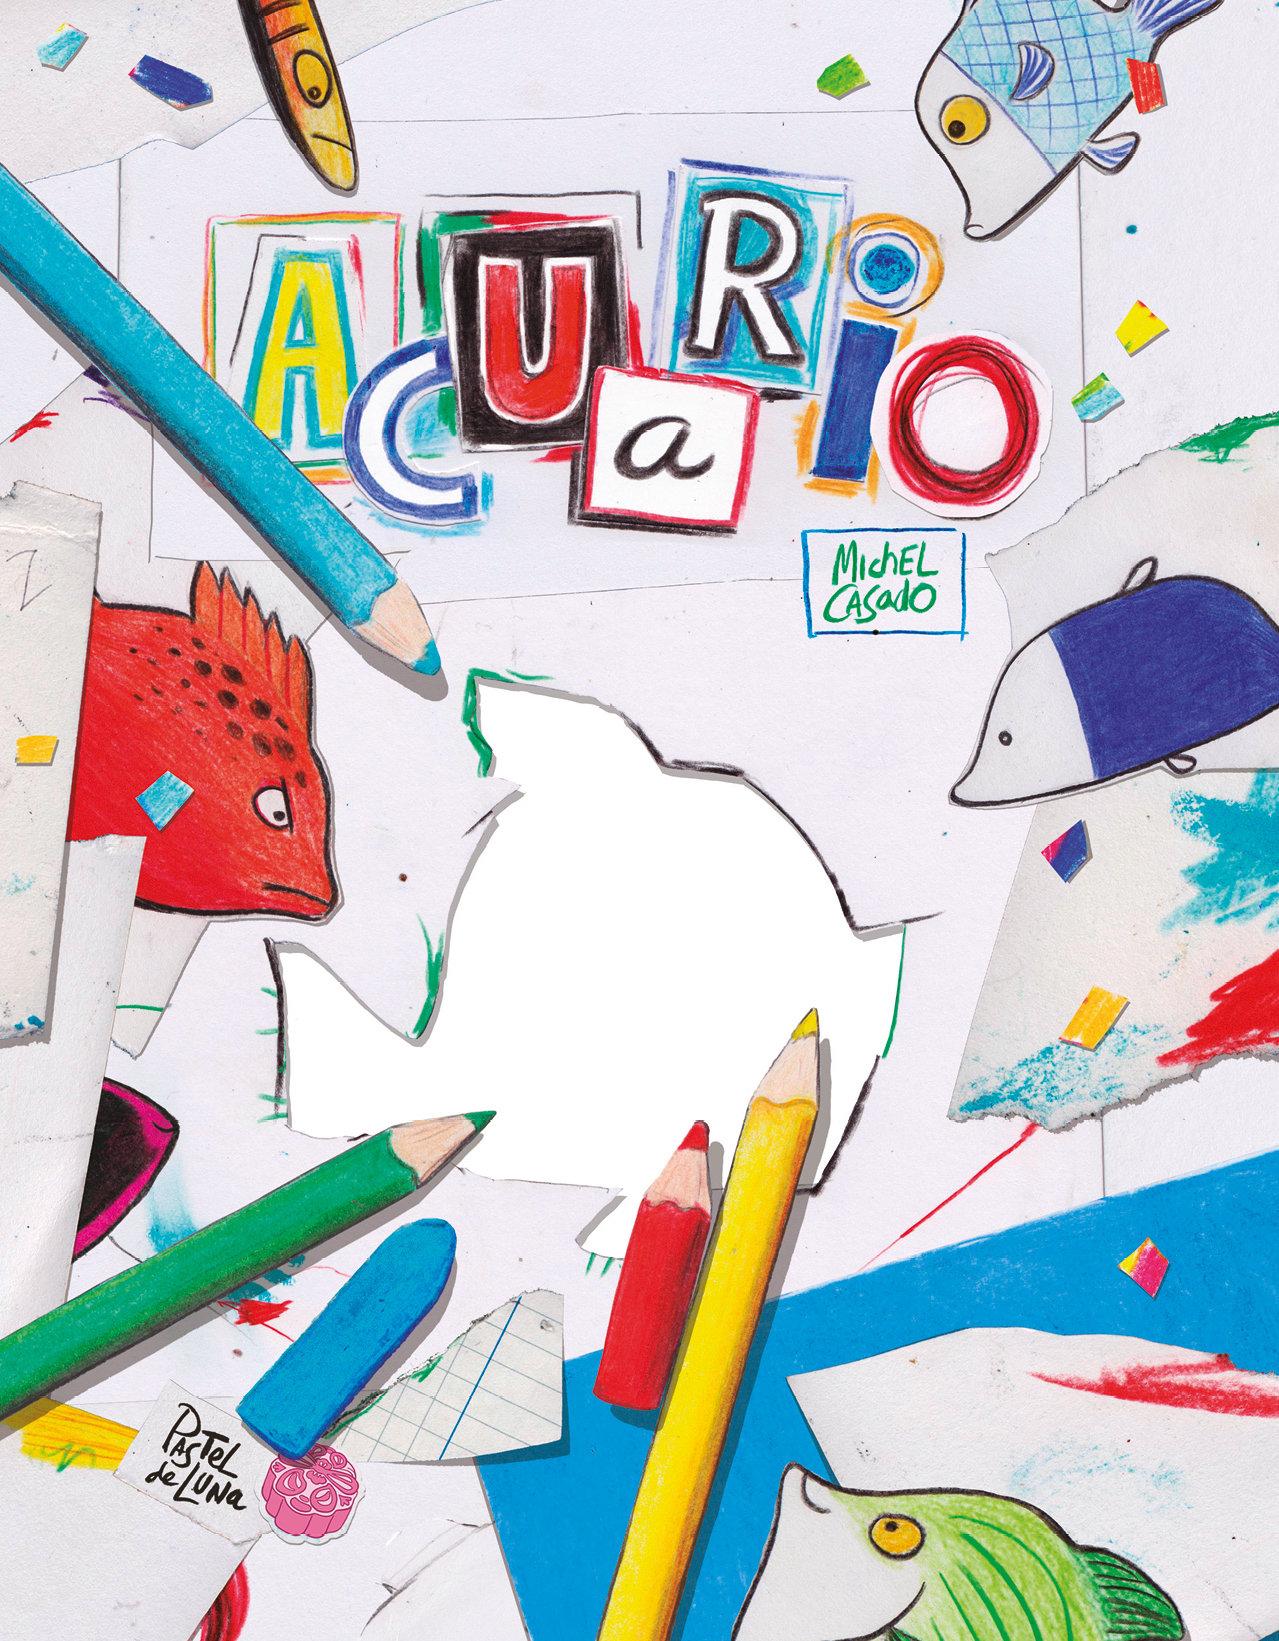 Álbum ilustrado Acuario